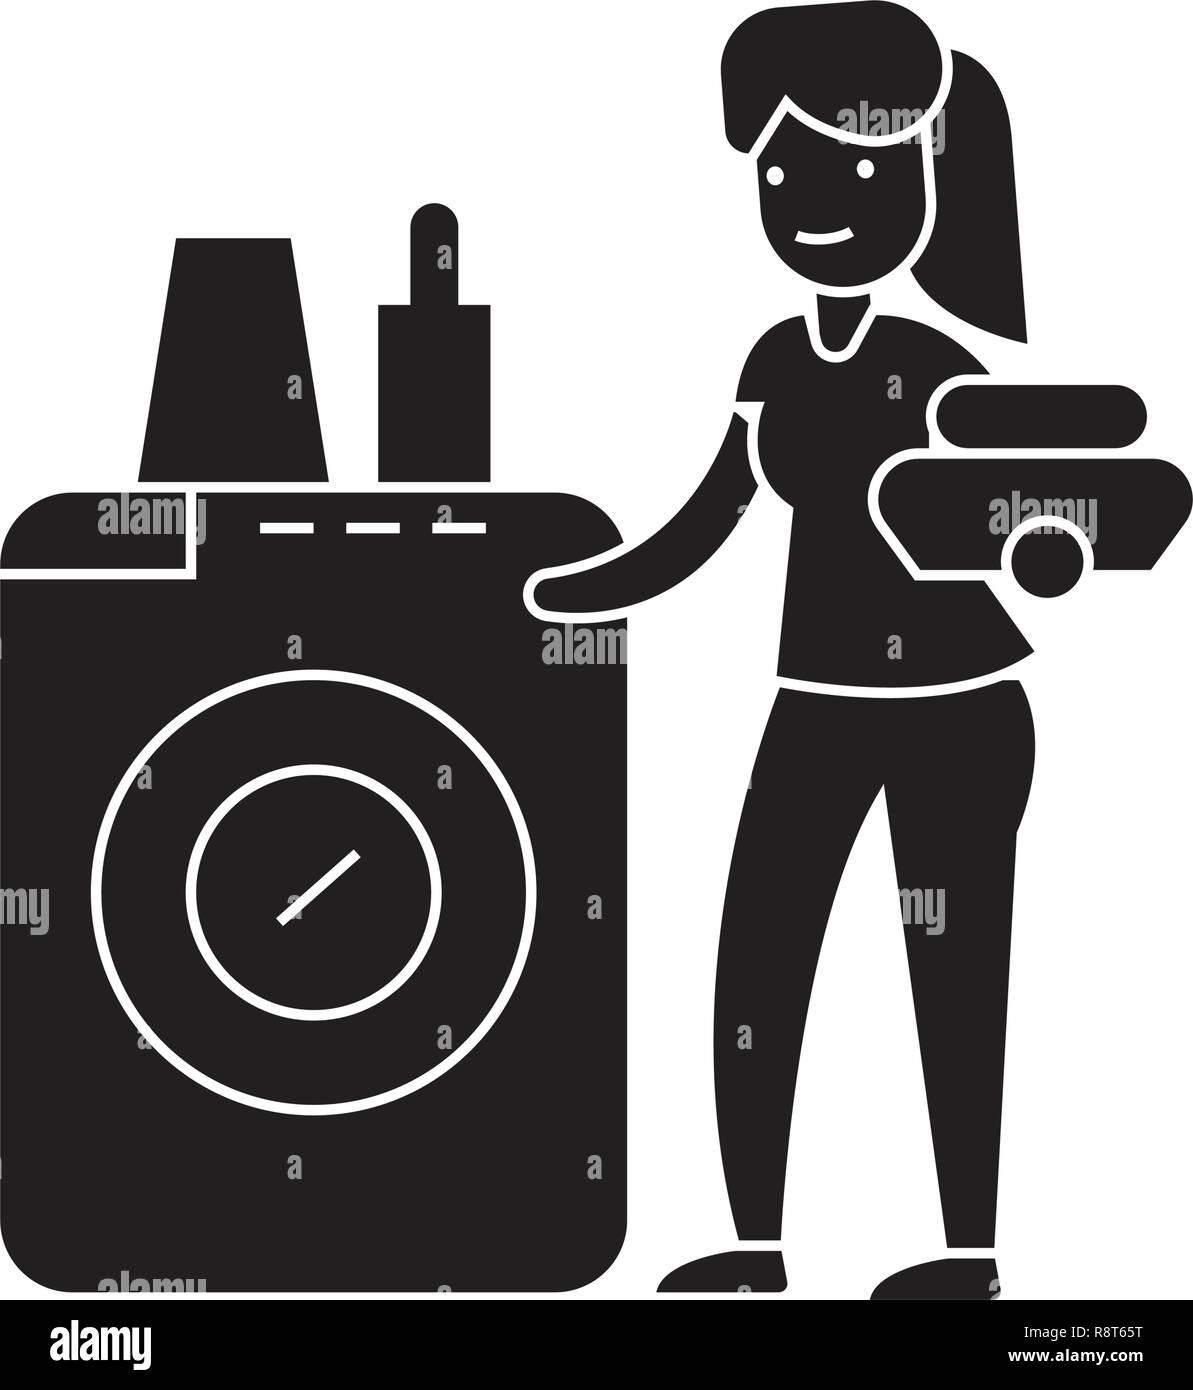 Gut gemocht Geschirrspüler Waschmaschine schwarz Vektor Konzept Symbol PK34